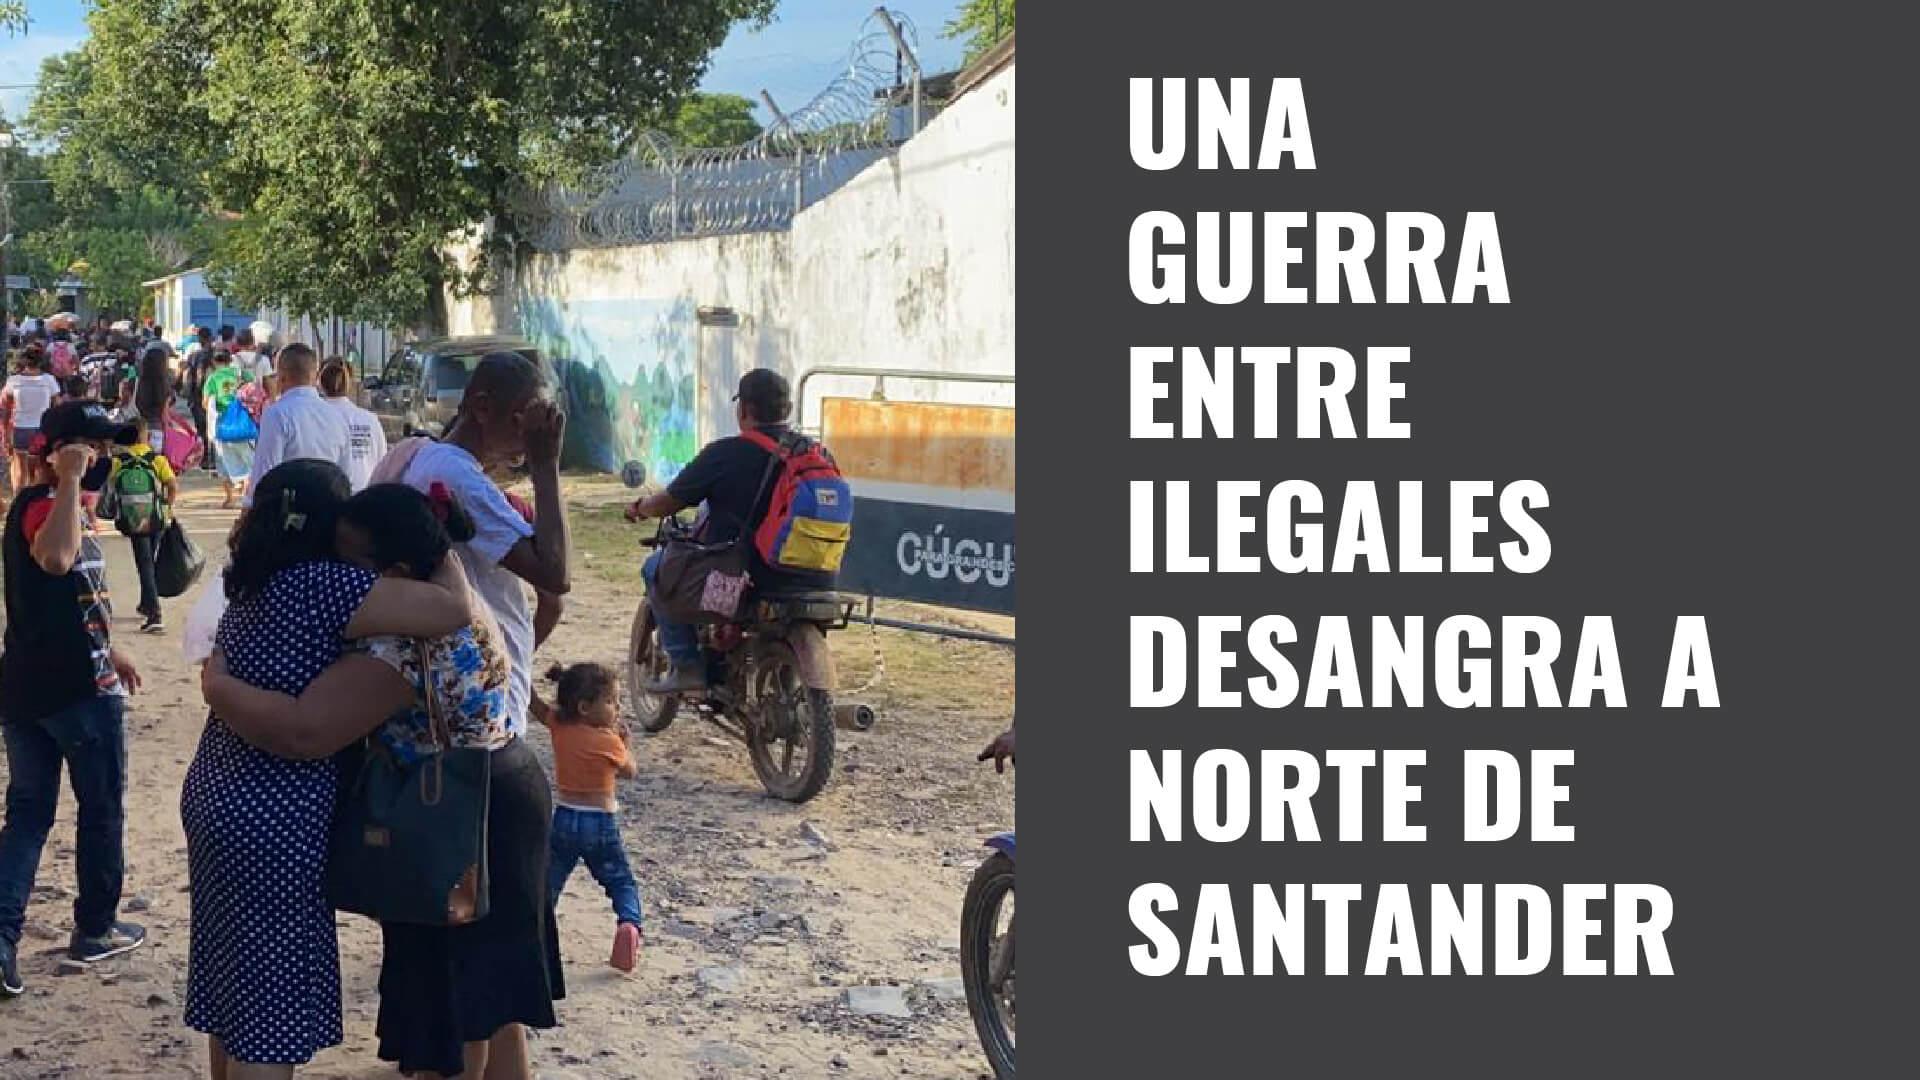 Una guerra entre ilegales desangra a Norte de Santander